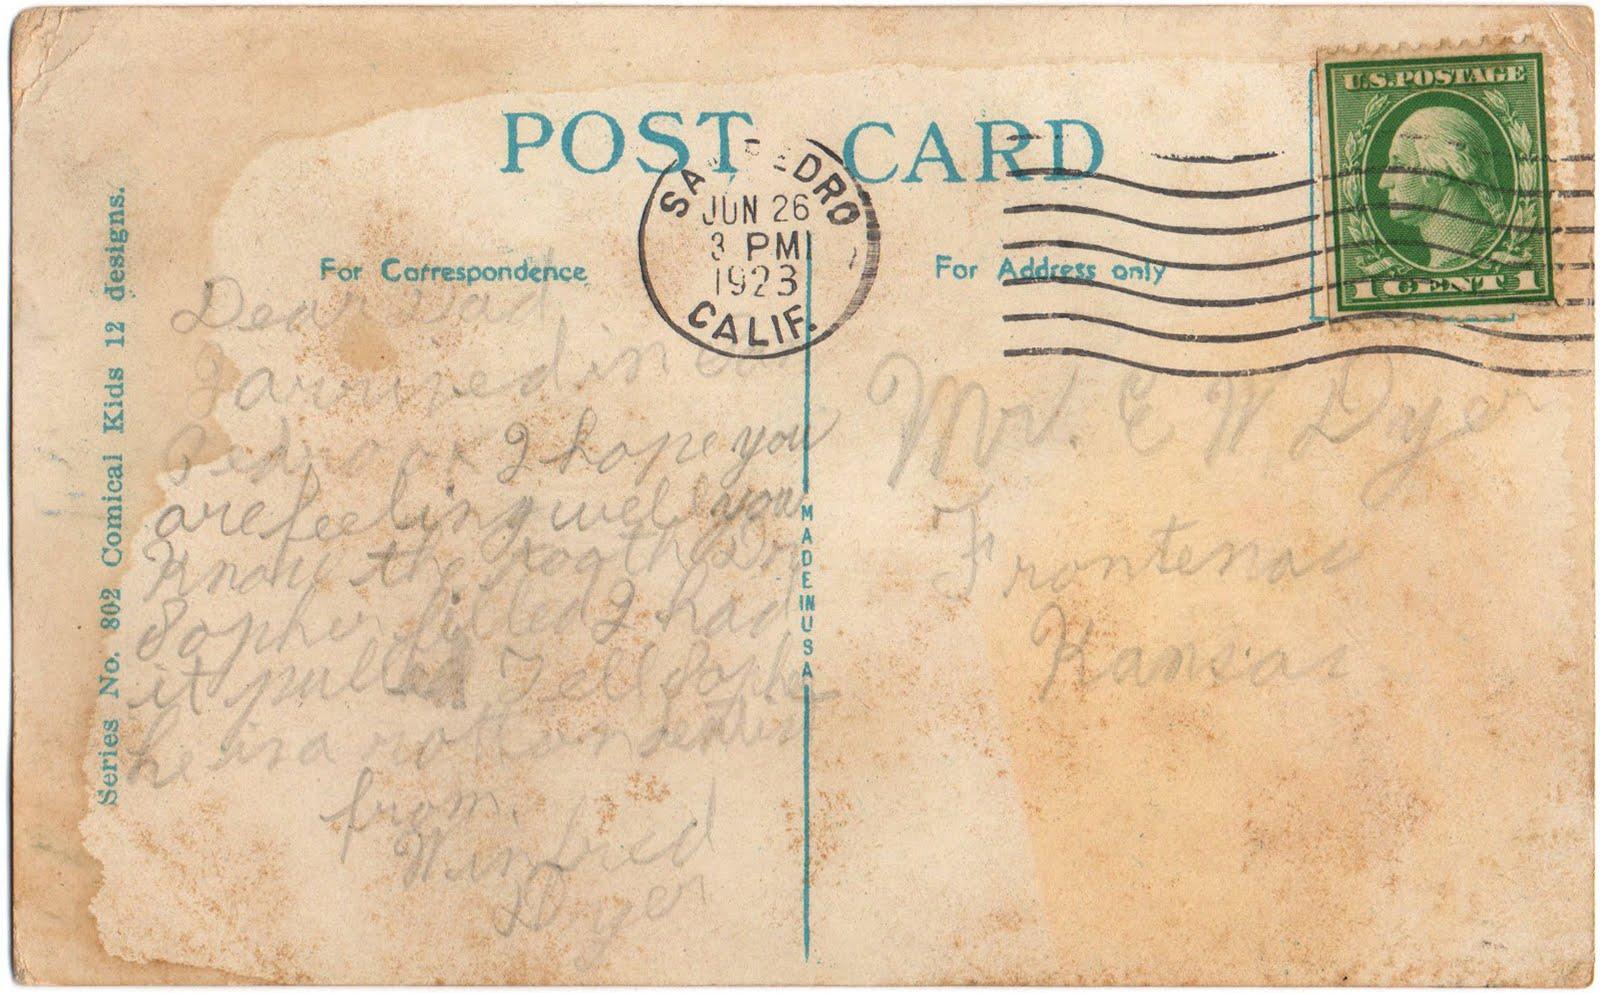 Черный кот, картинка открытки почтовой